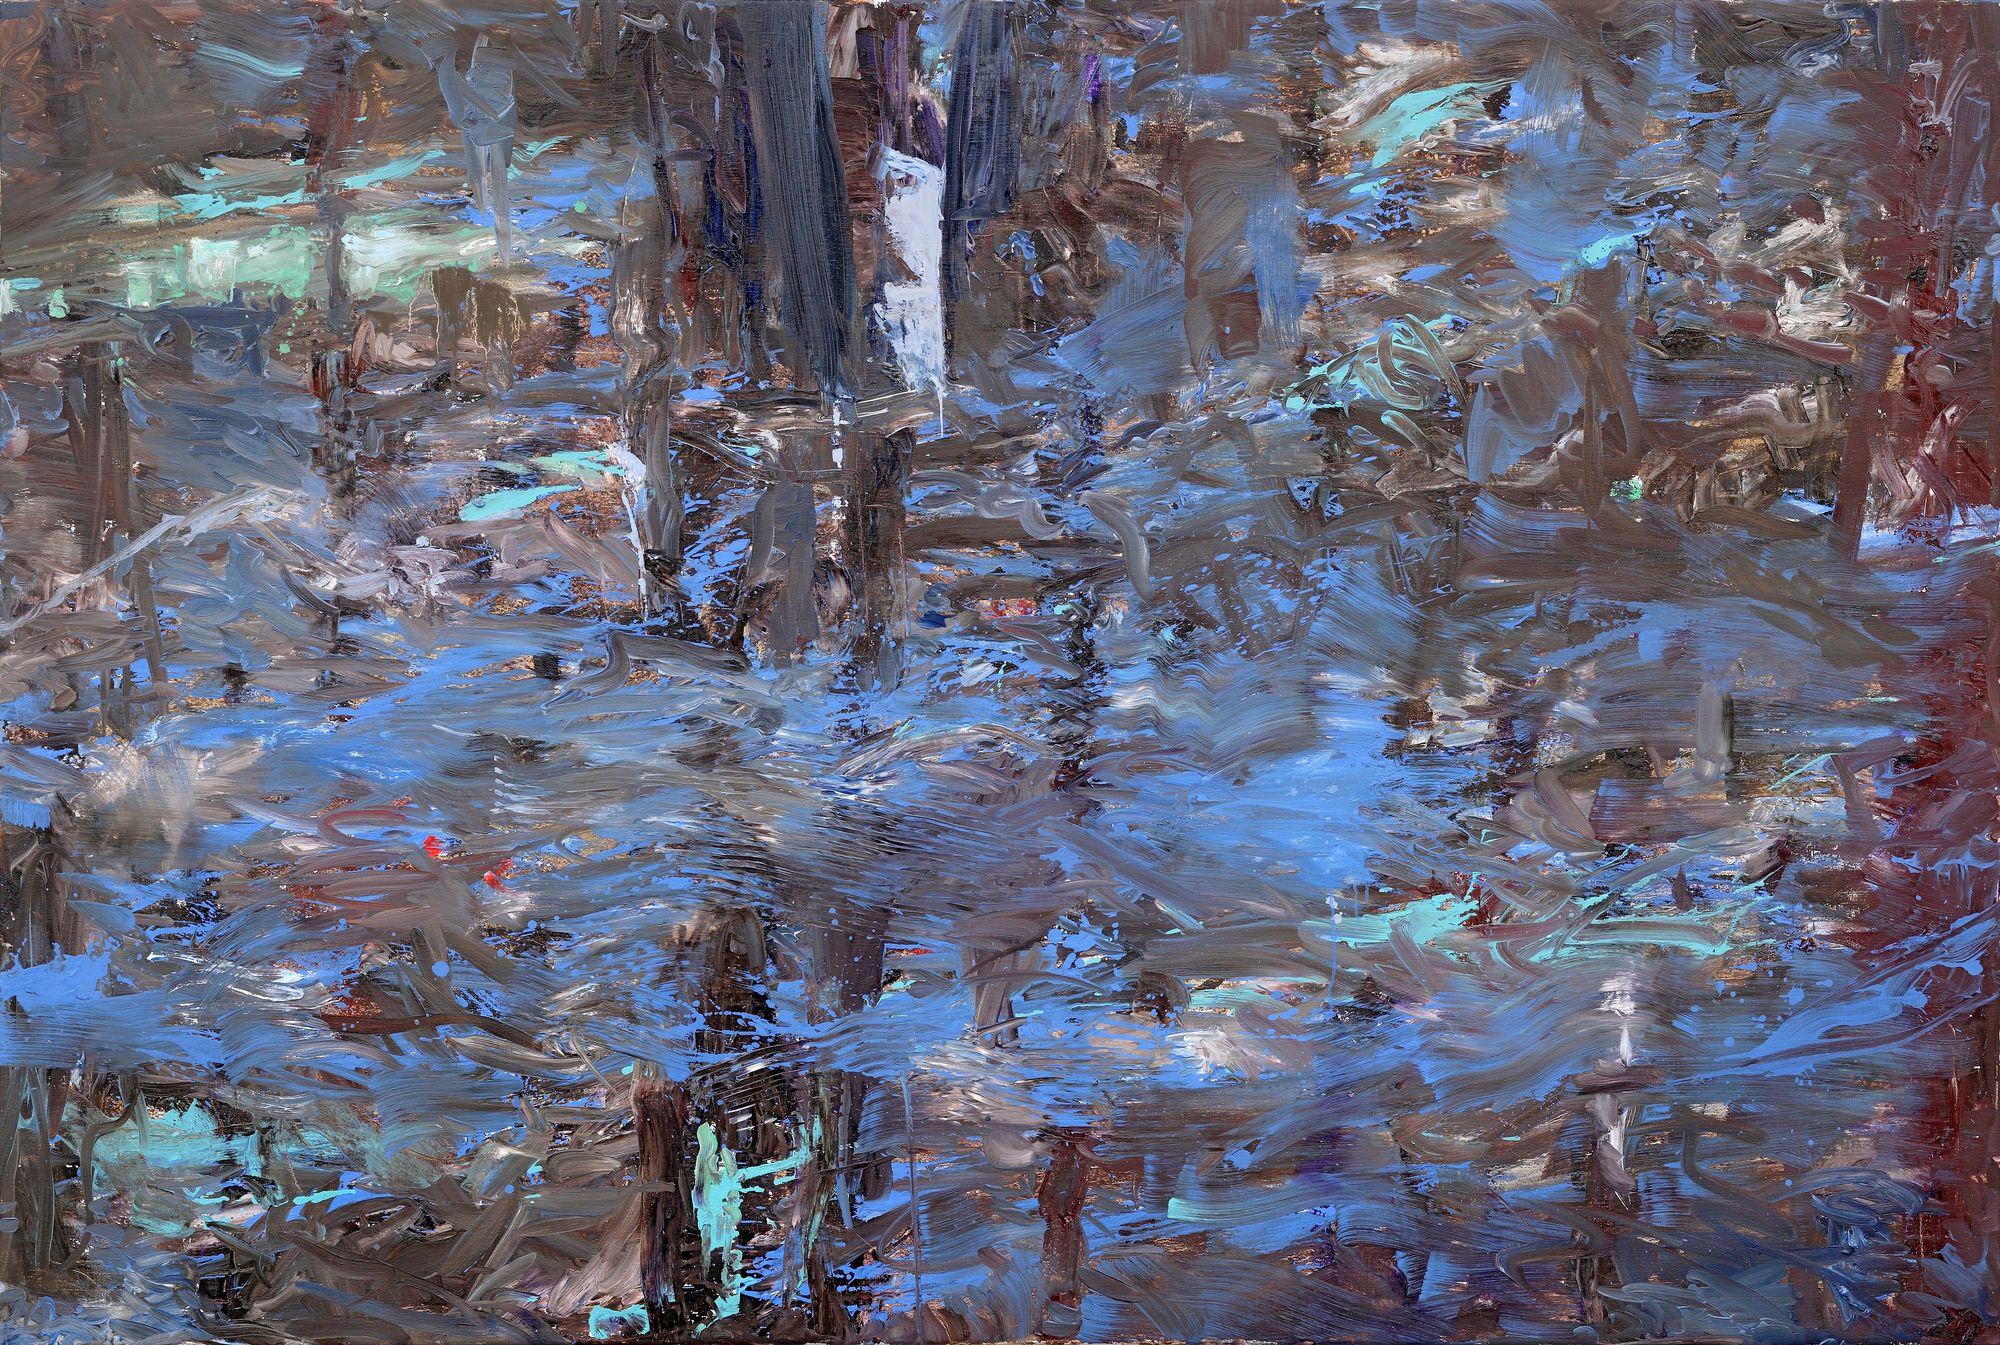 Ulrich Baehr | Wald 2, 2007, 120 x 180 cm, Öl / Leinwand